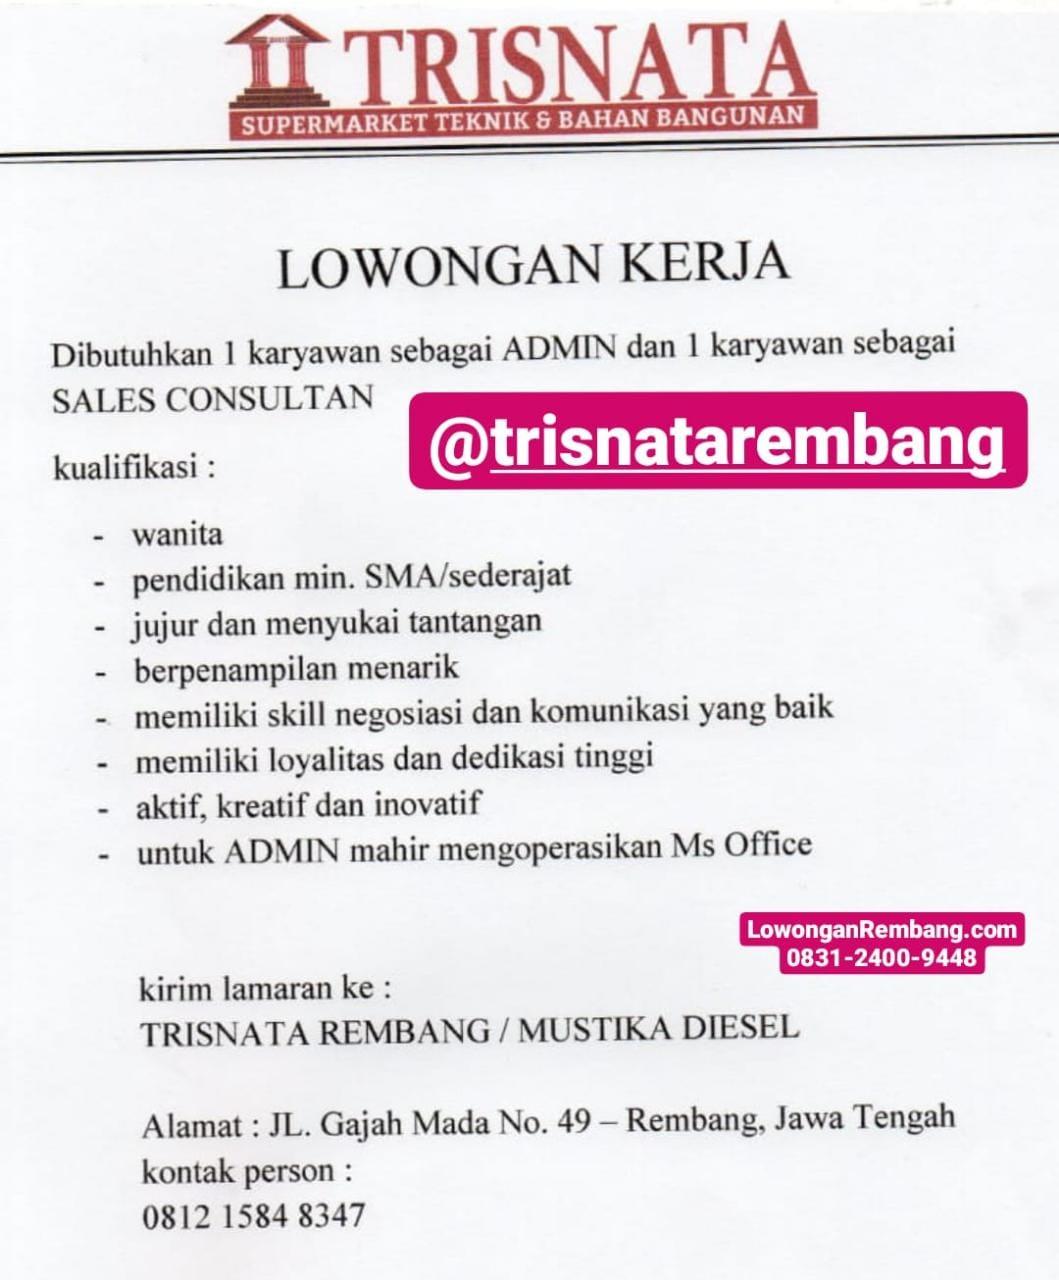 Lowongan Kerja Admin Dan Sales Consultan Toko Bangunan Trisnata / Mustika Diesel Rembang